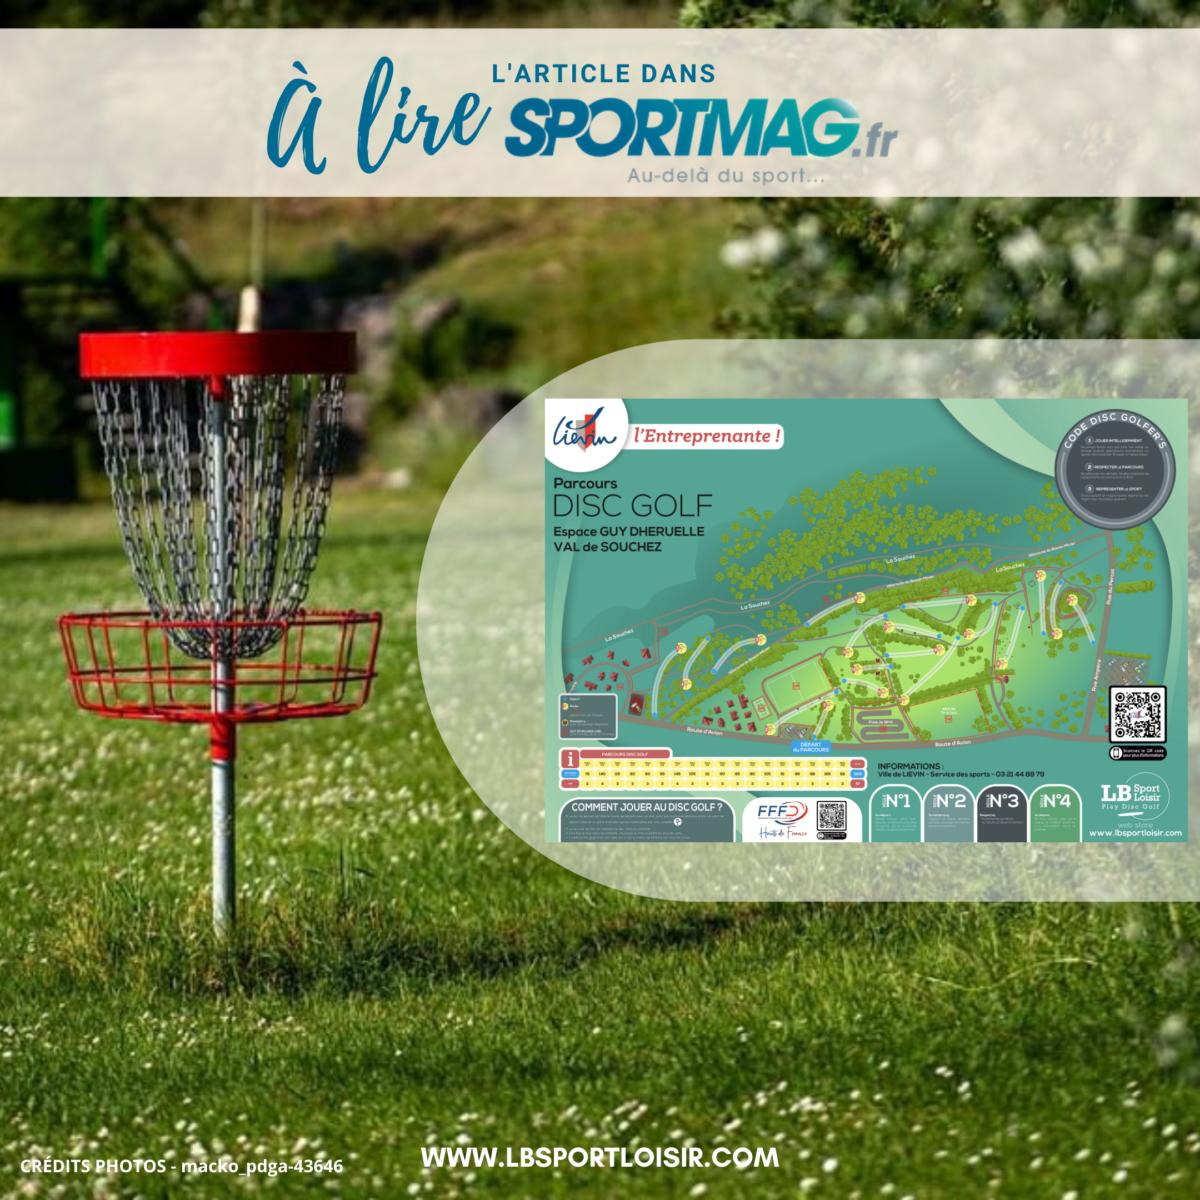 Le Disc Golf s'impose à Liévin, LB Sport Loisir y participe !